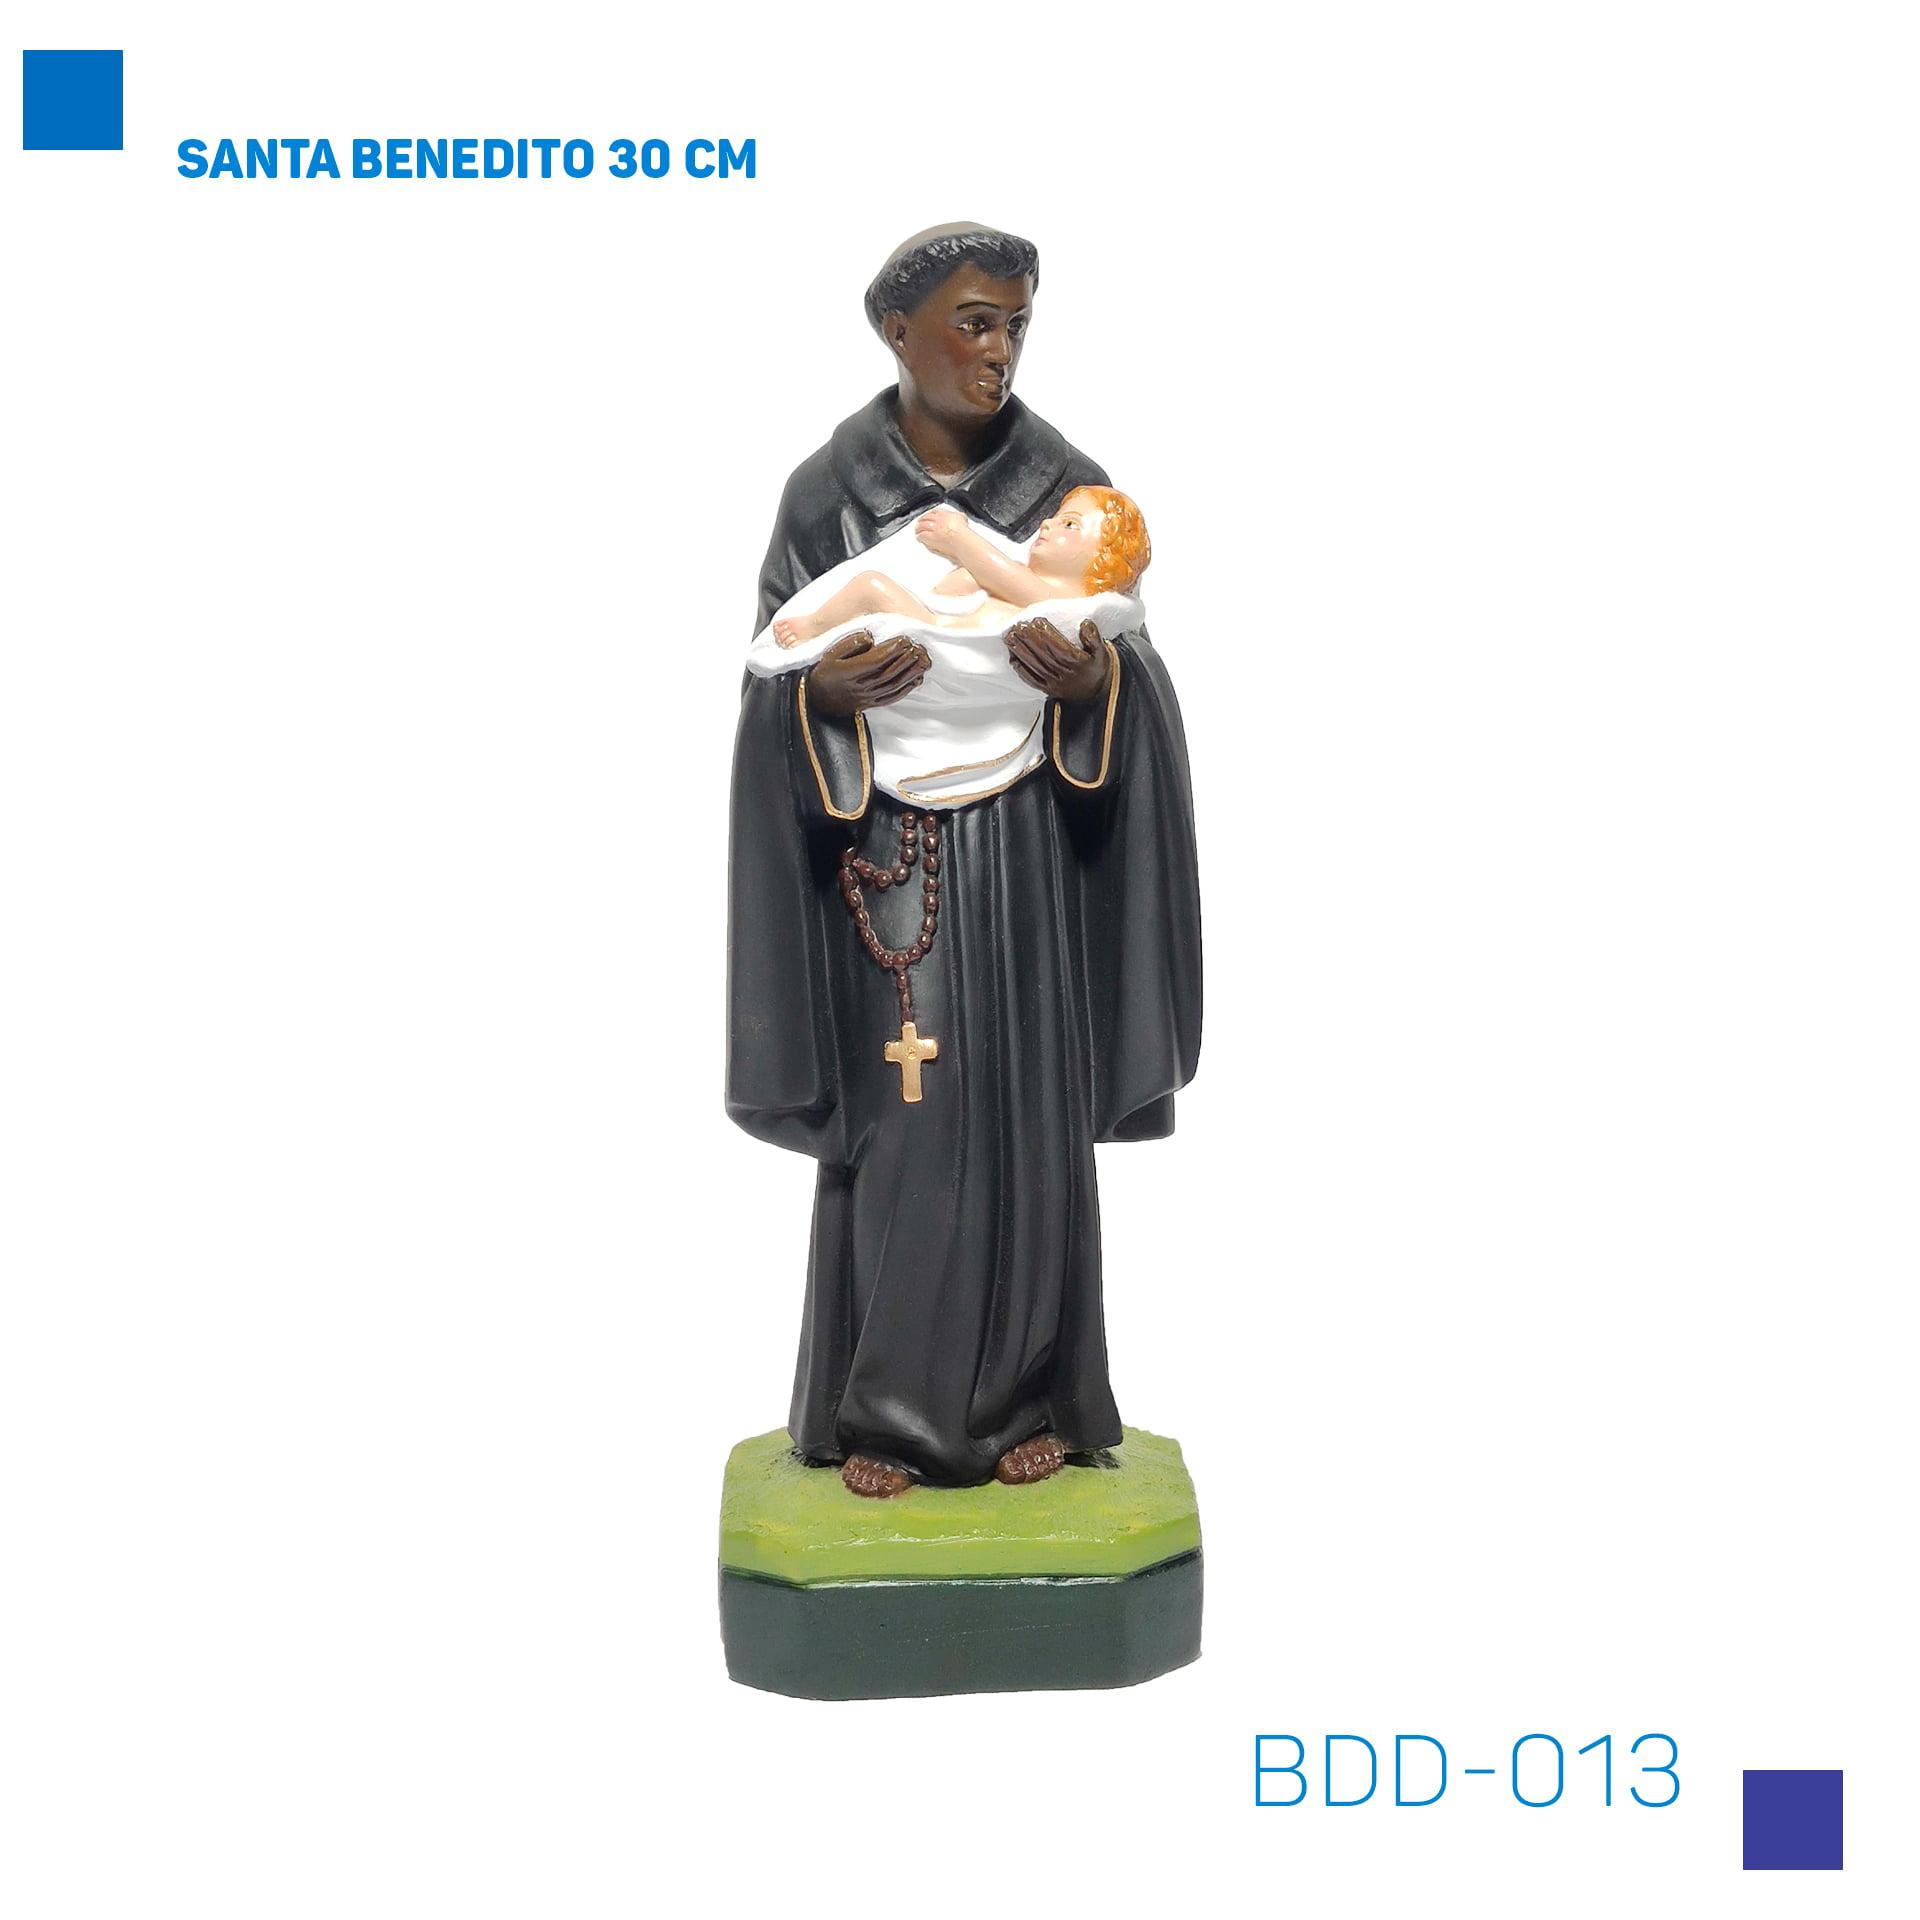 Bira Artigos Religiosos - São Benedito 30 cm - Cód. BDD-013